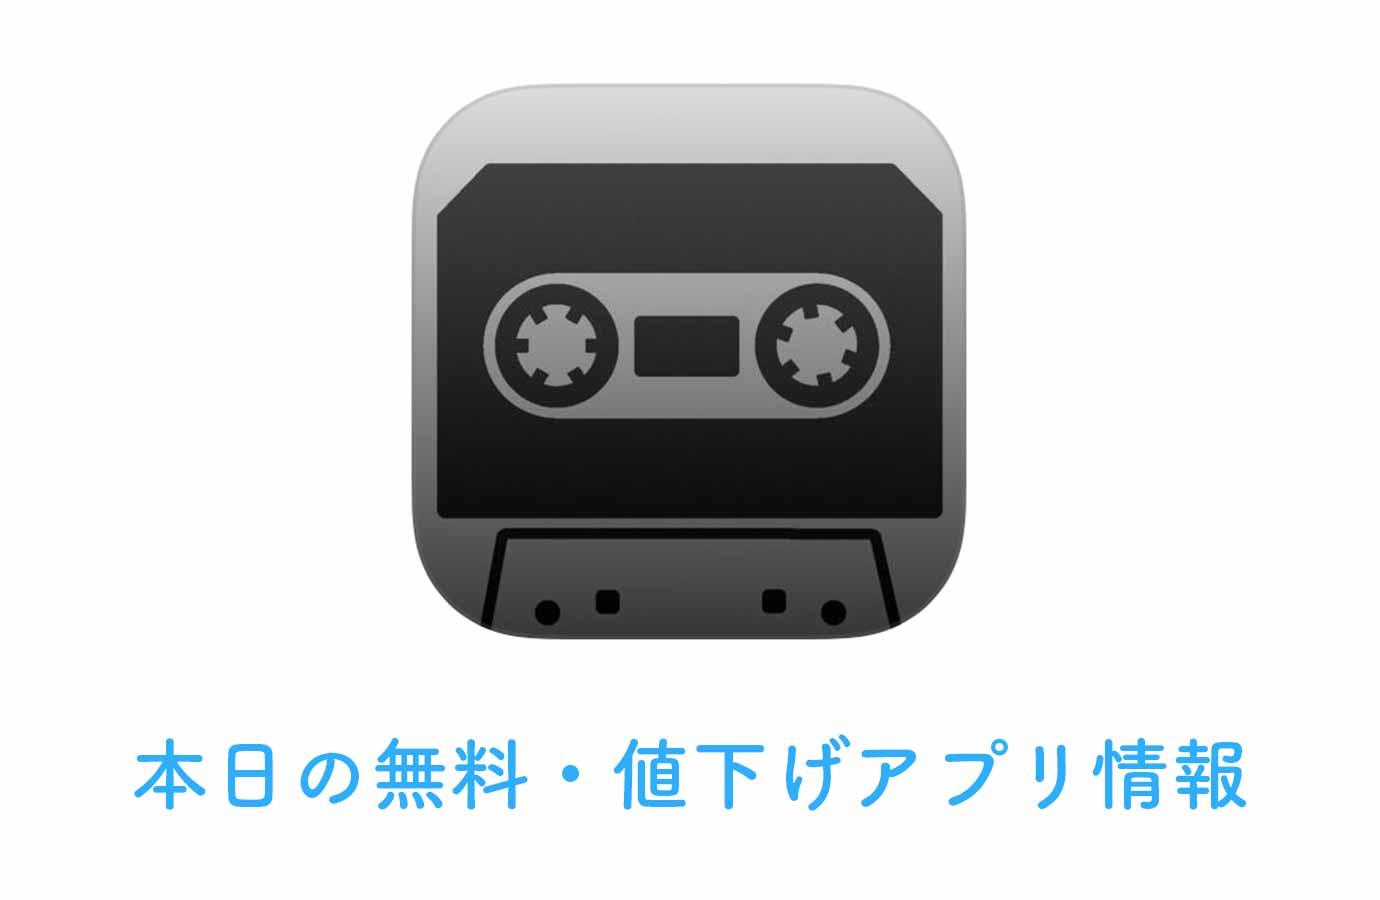 240円→無料、懐かしのカセットテープデザインの音楽プレイヤー「Tape」など【5/10】本日の無料・値下げアプリ情報